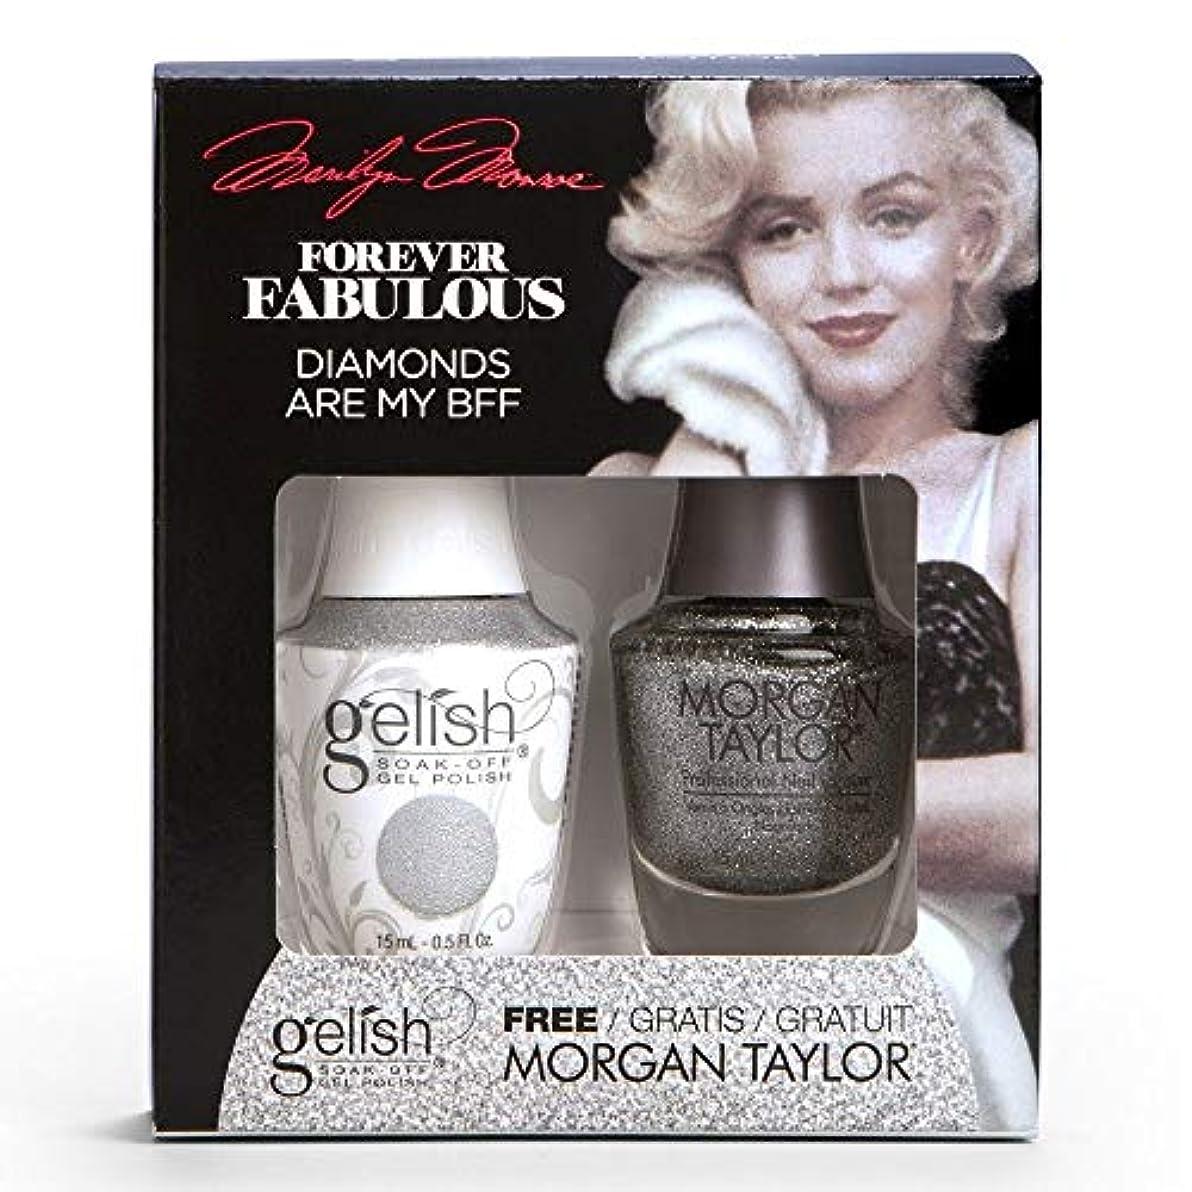 勢い束ねるする必要があるHarmony Gelish & Morgan Taylor - Two Of A Kind - Forever Fabulous Marilyn Monroe - Diamonds Are My BFF - 15 mL...